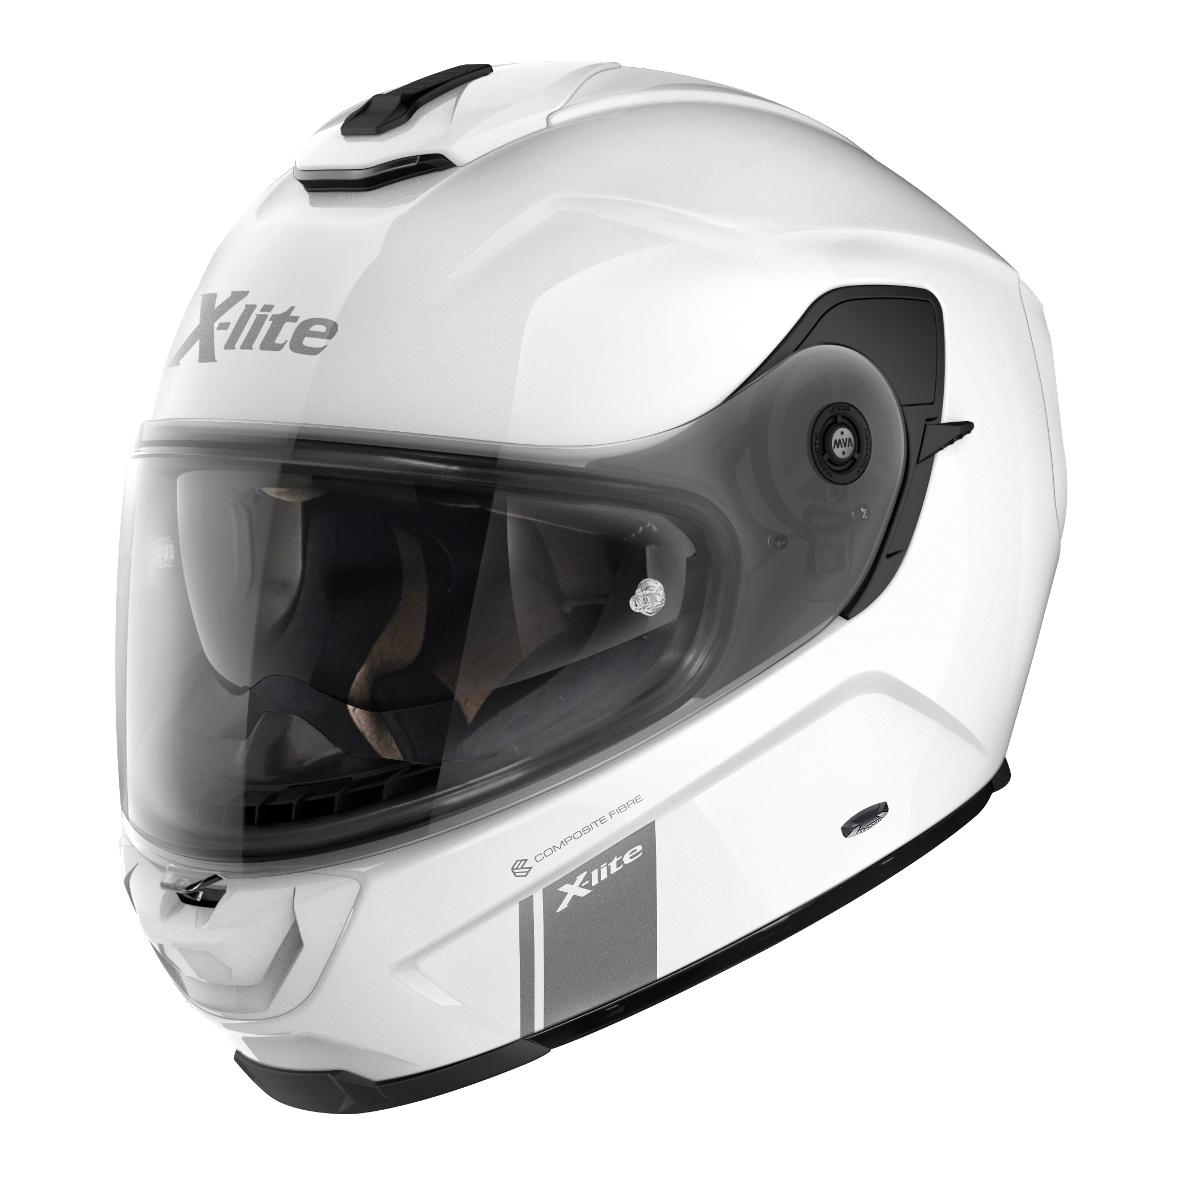 DAYTONA (デイトナ) バイク用 ヘルメット NOLAN ノーラン X-lite X-903 モダンクラス ホワイト 3 Lサイズ (59~60cm) 14992